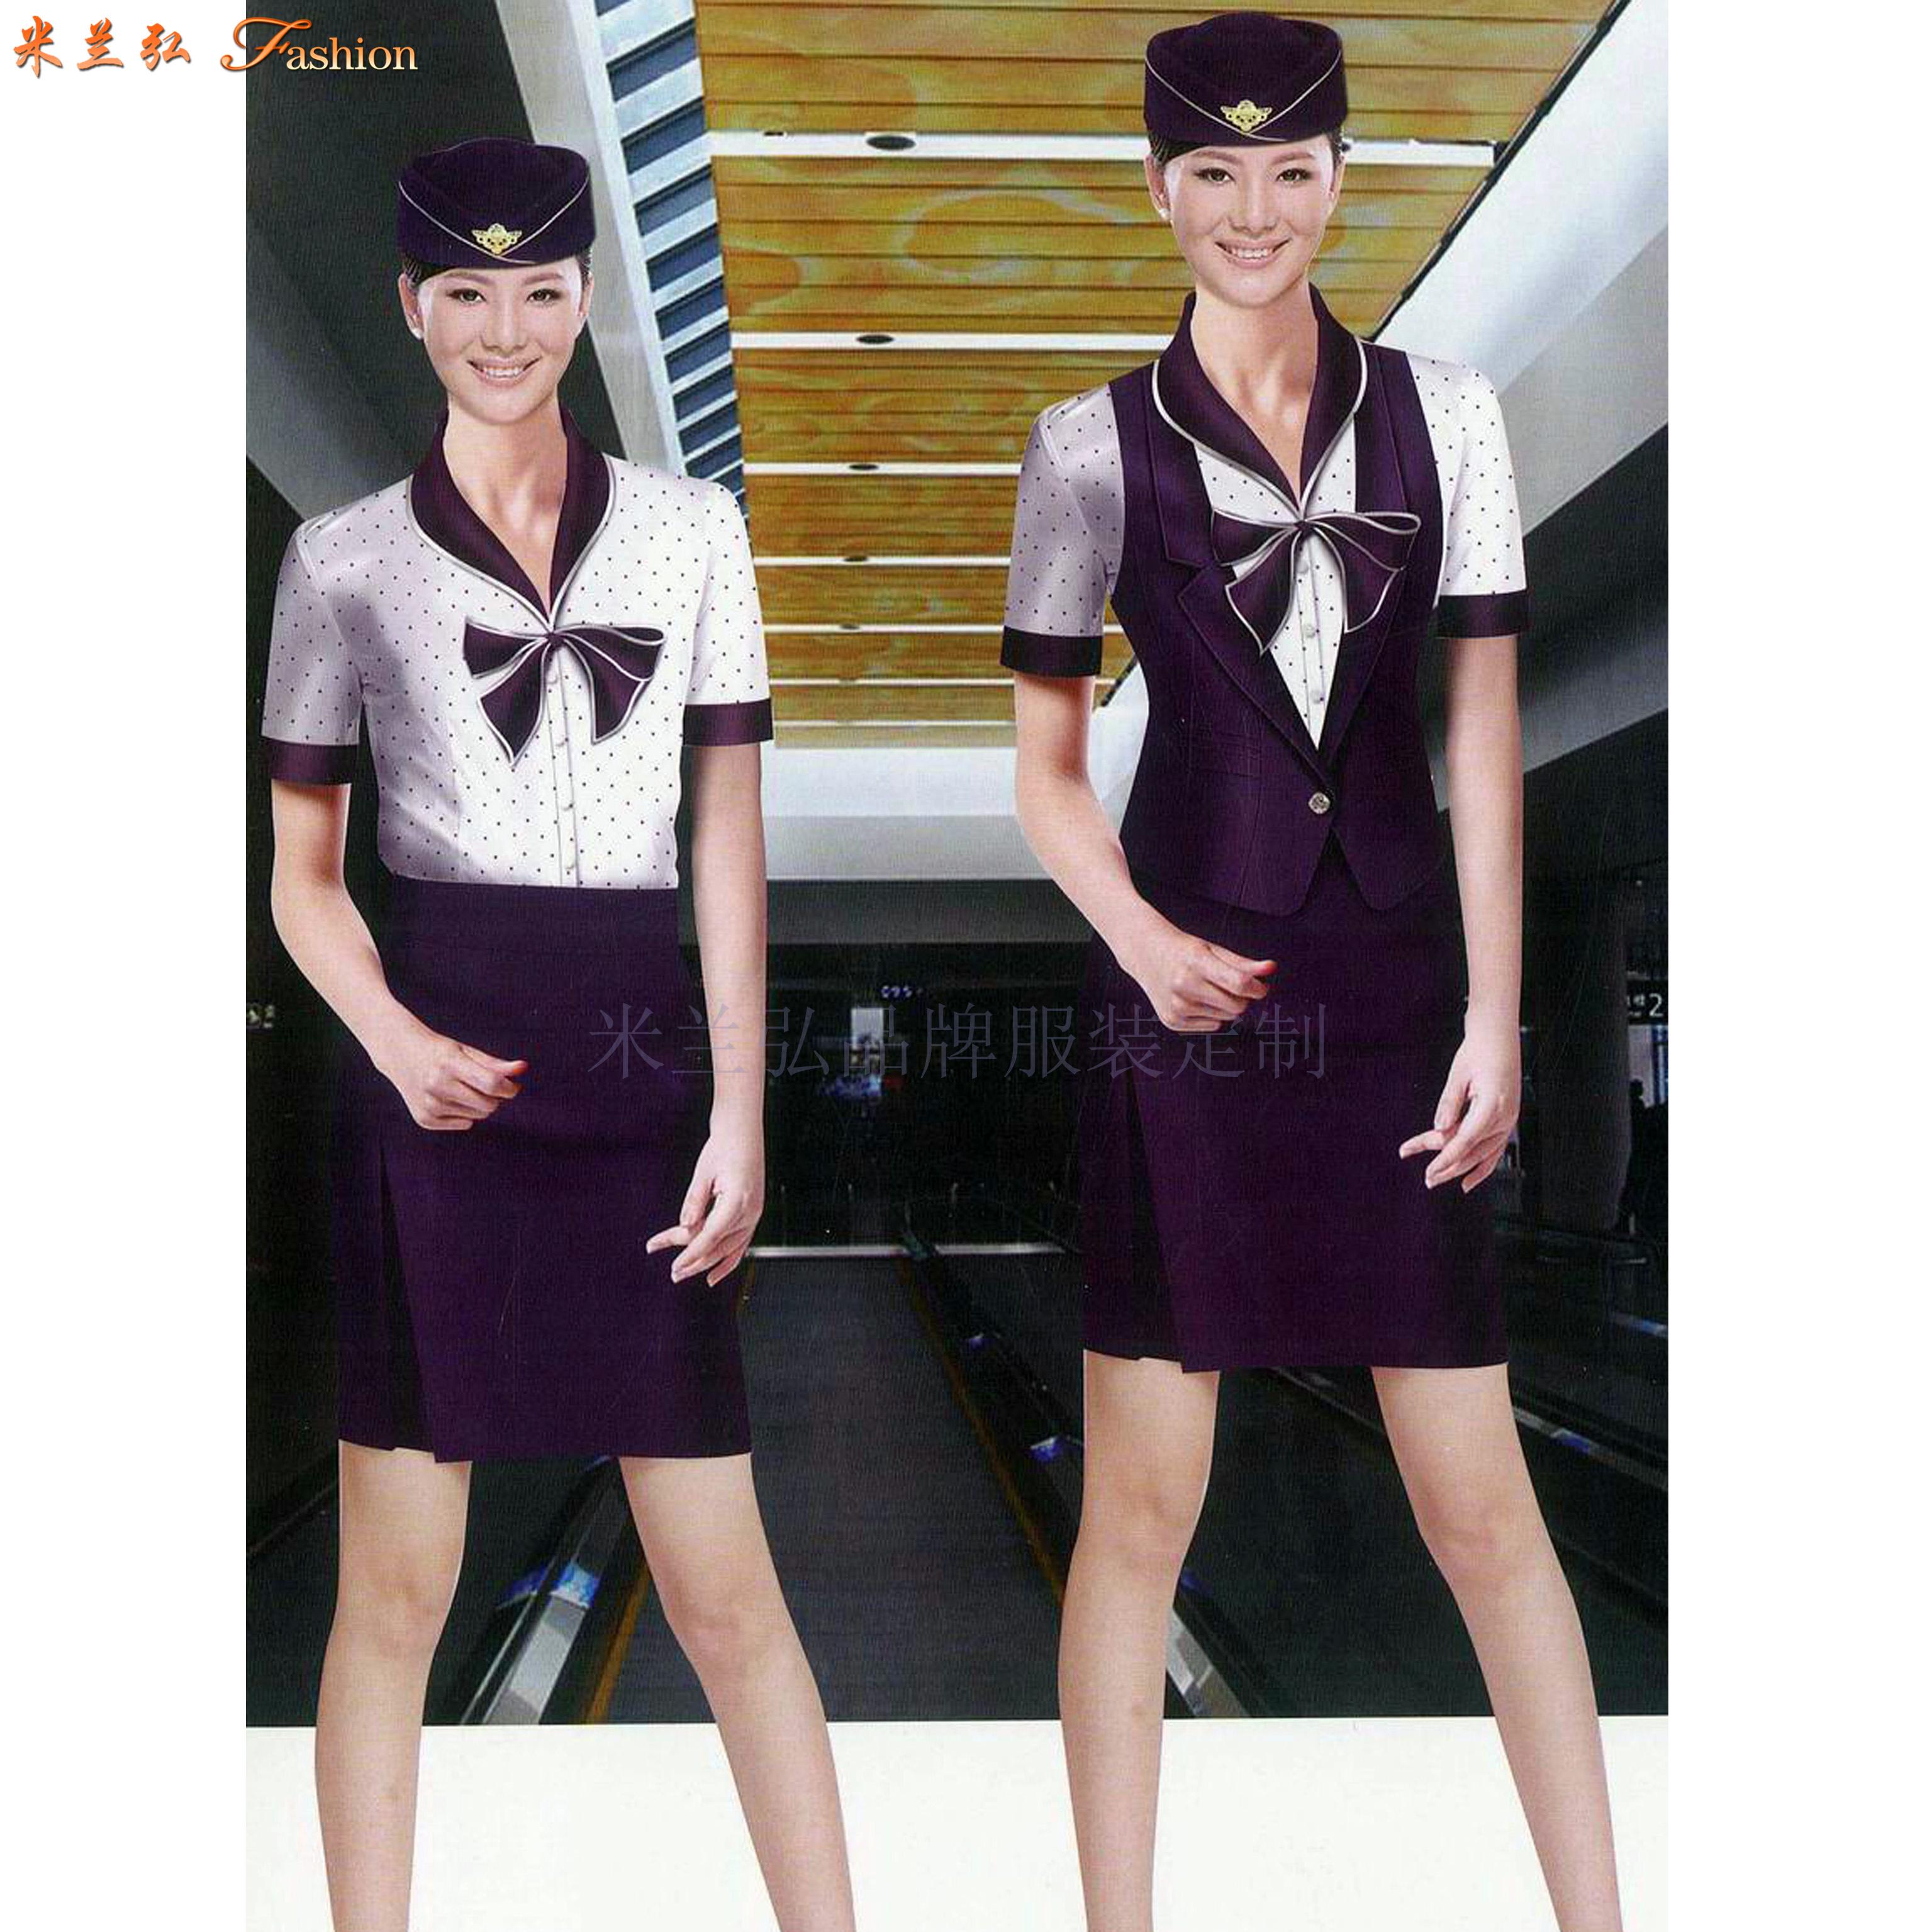 京津冀高鐵動車乘務制服定做-選擇款式時髦的服裝品牌-米蘭弘-4